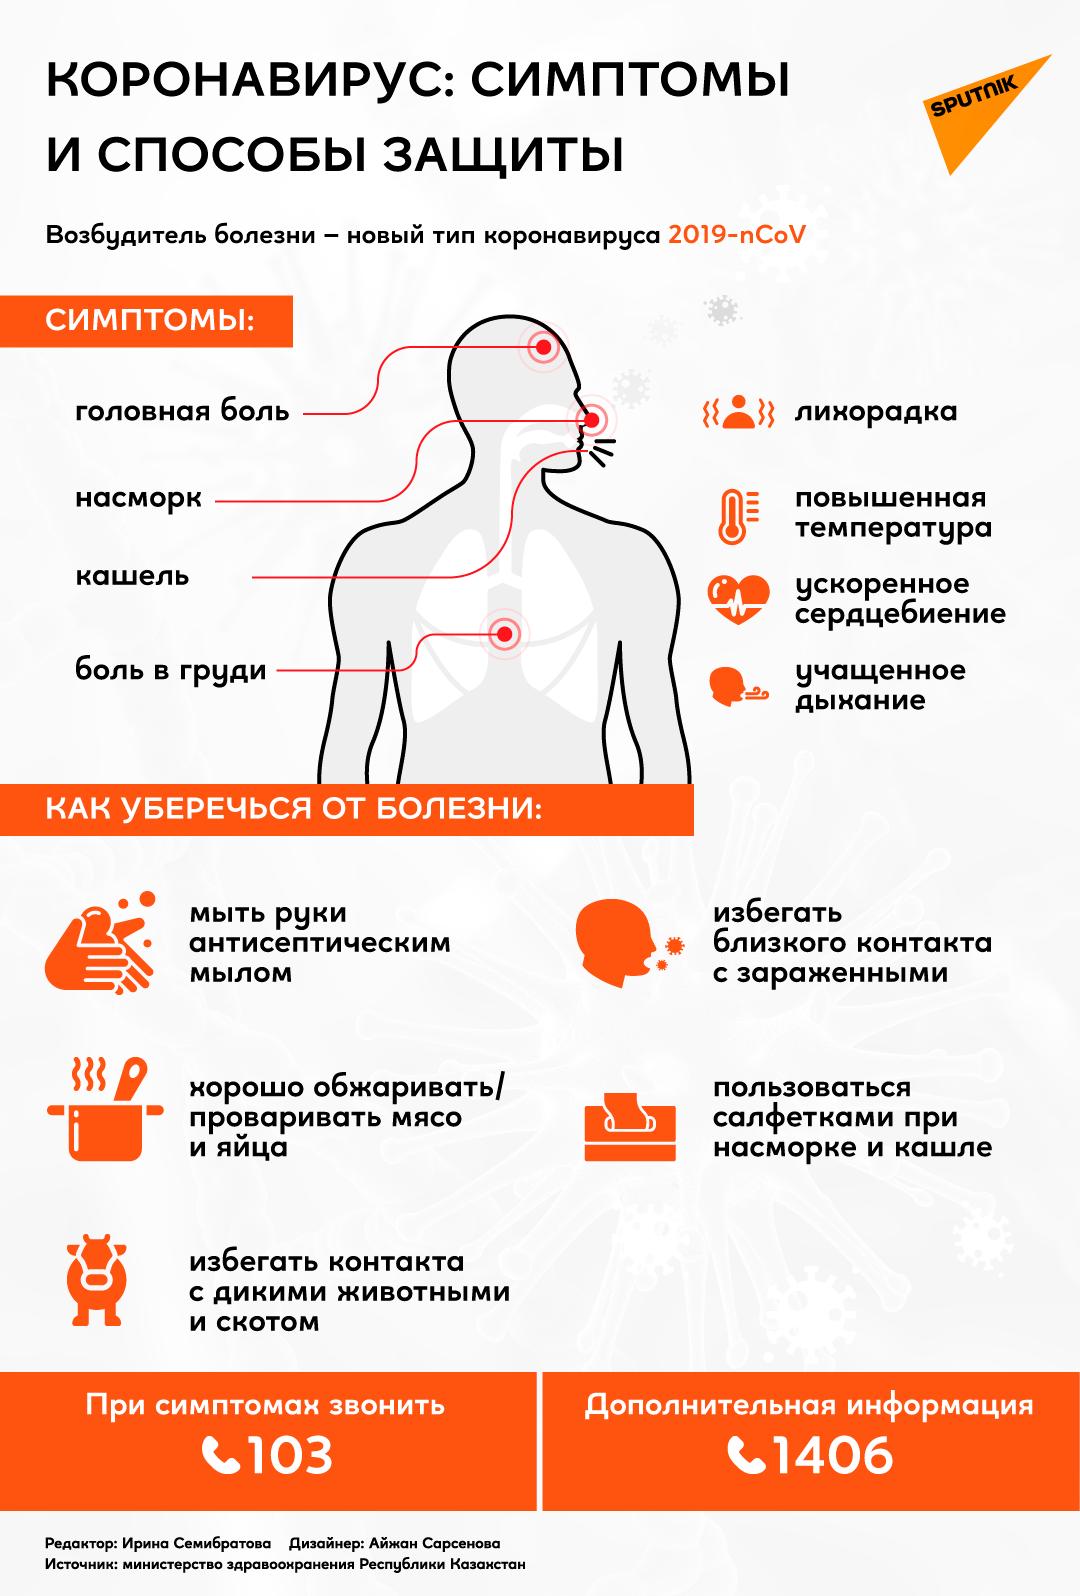 Инфографика: Коронавирус